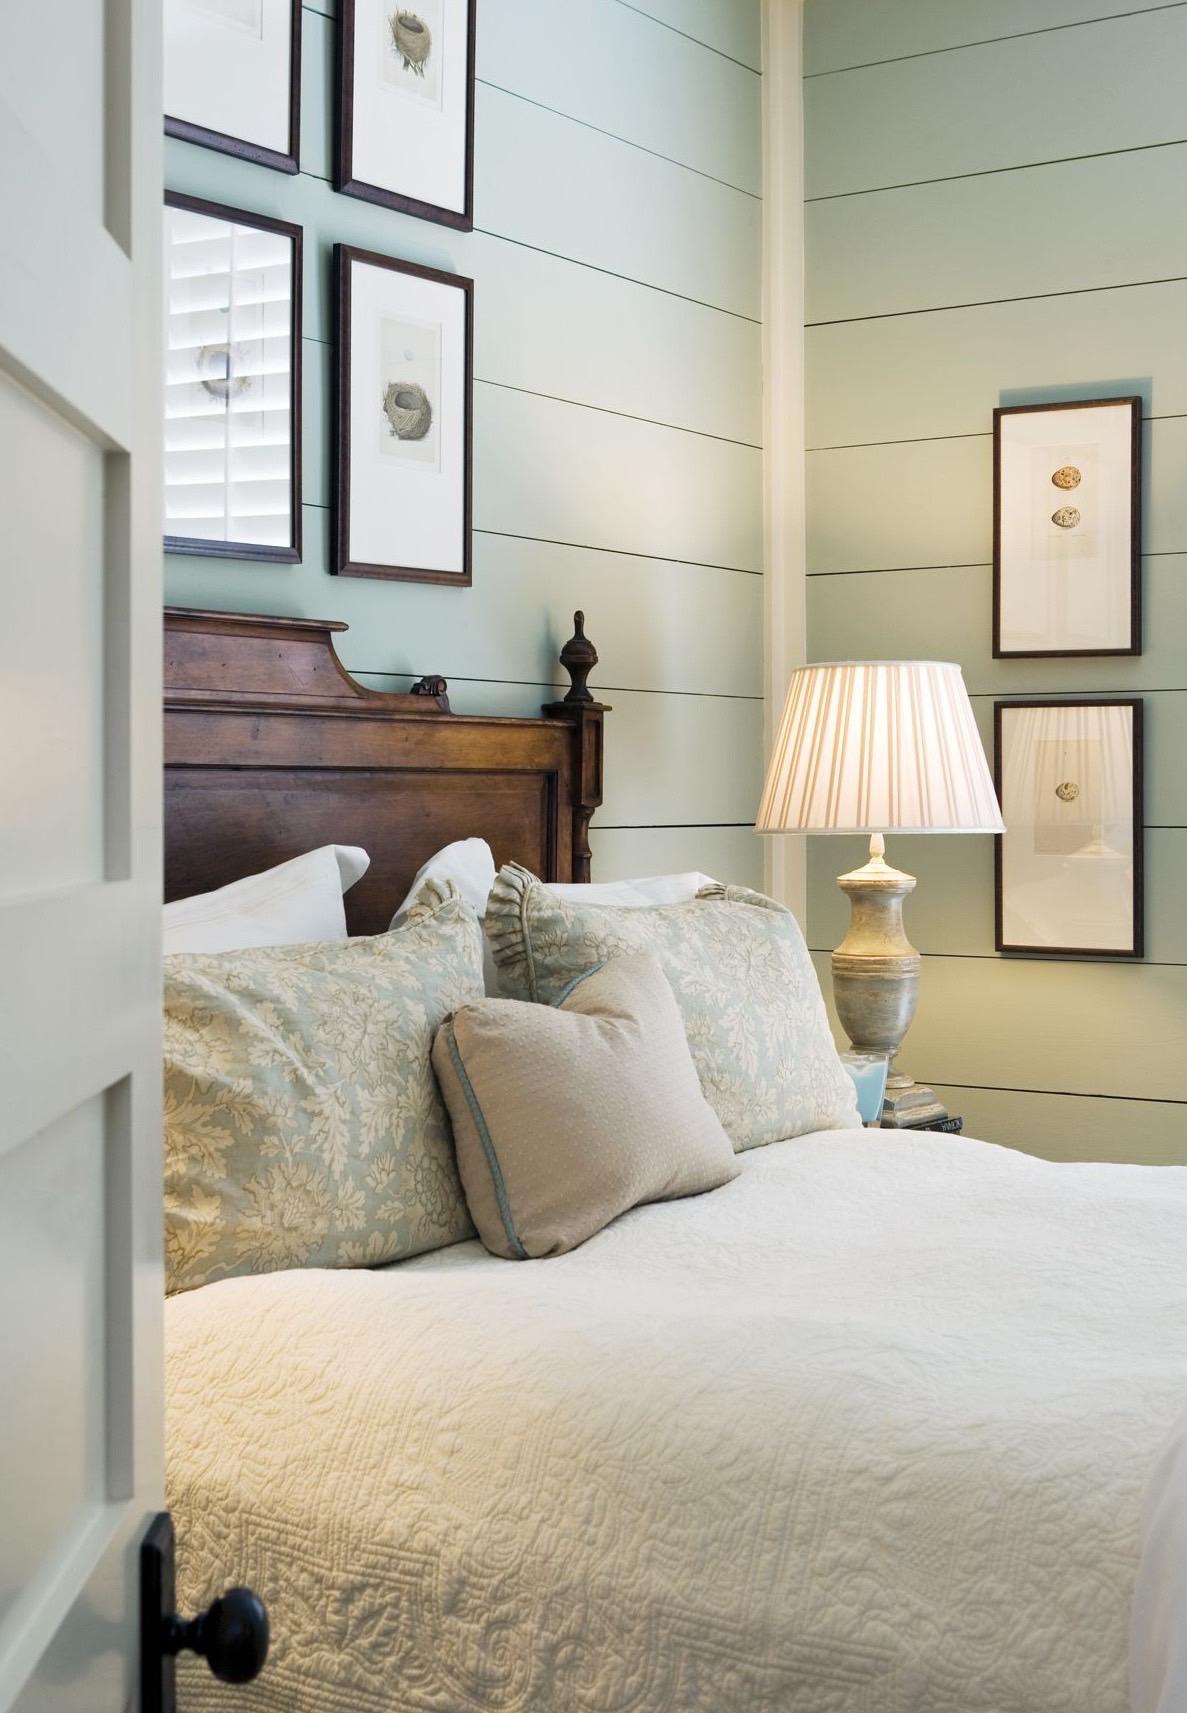 Dorset Bedroom With Shiplap Walls.jpg